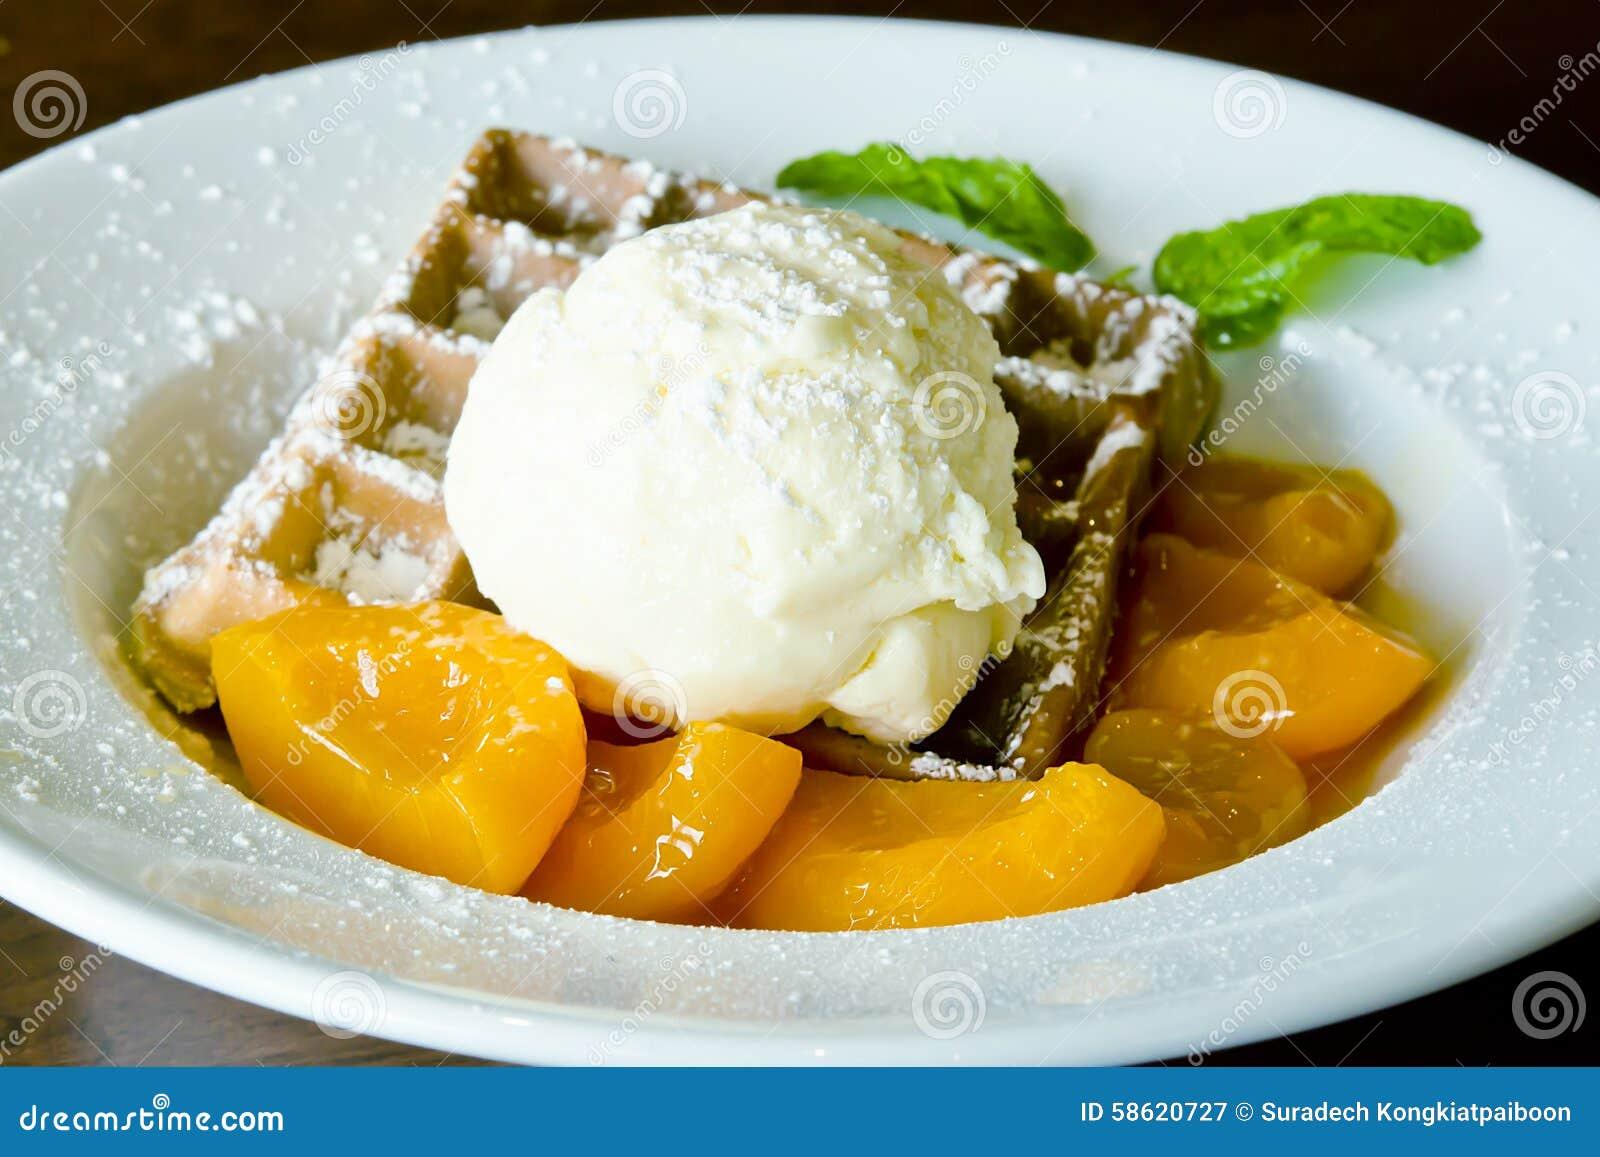 Vaniljglass på dillanden med orange sås